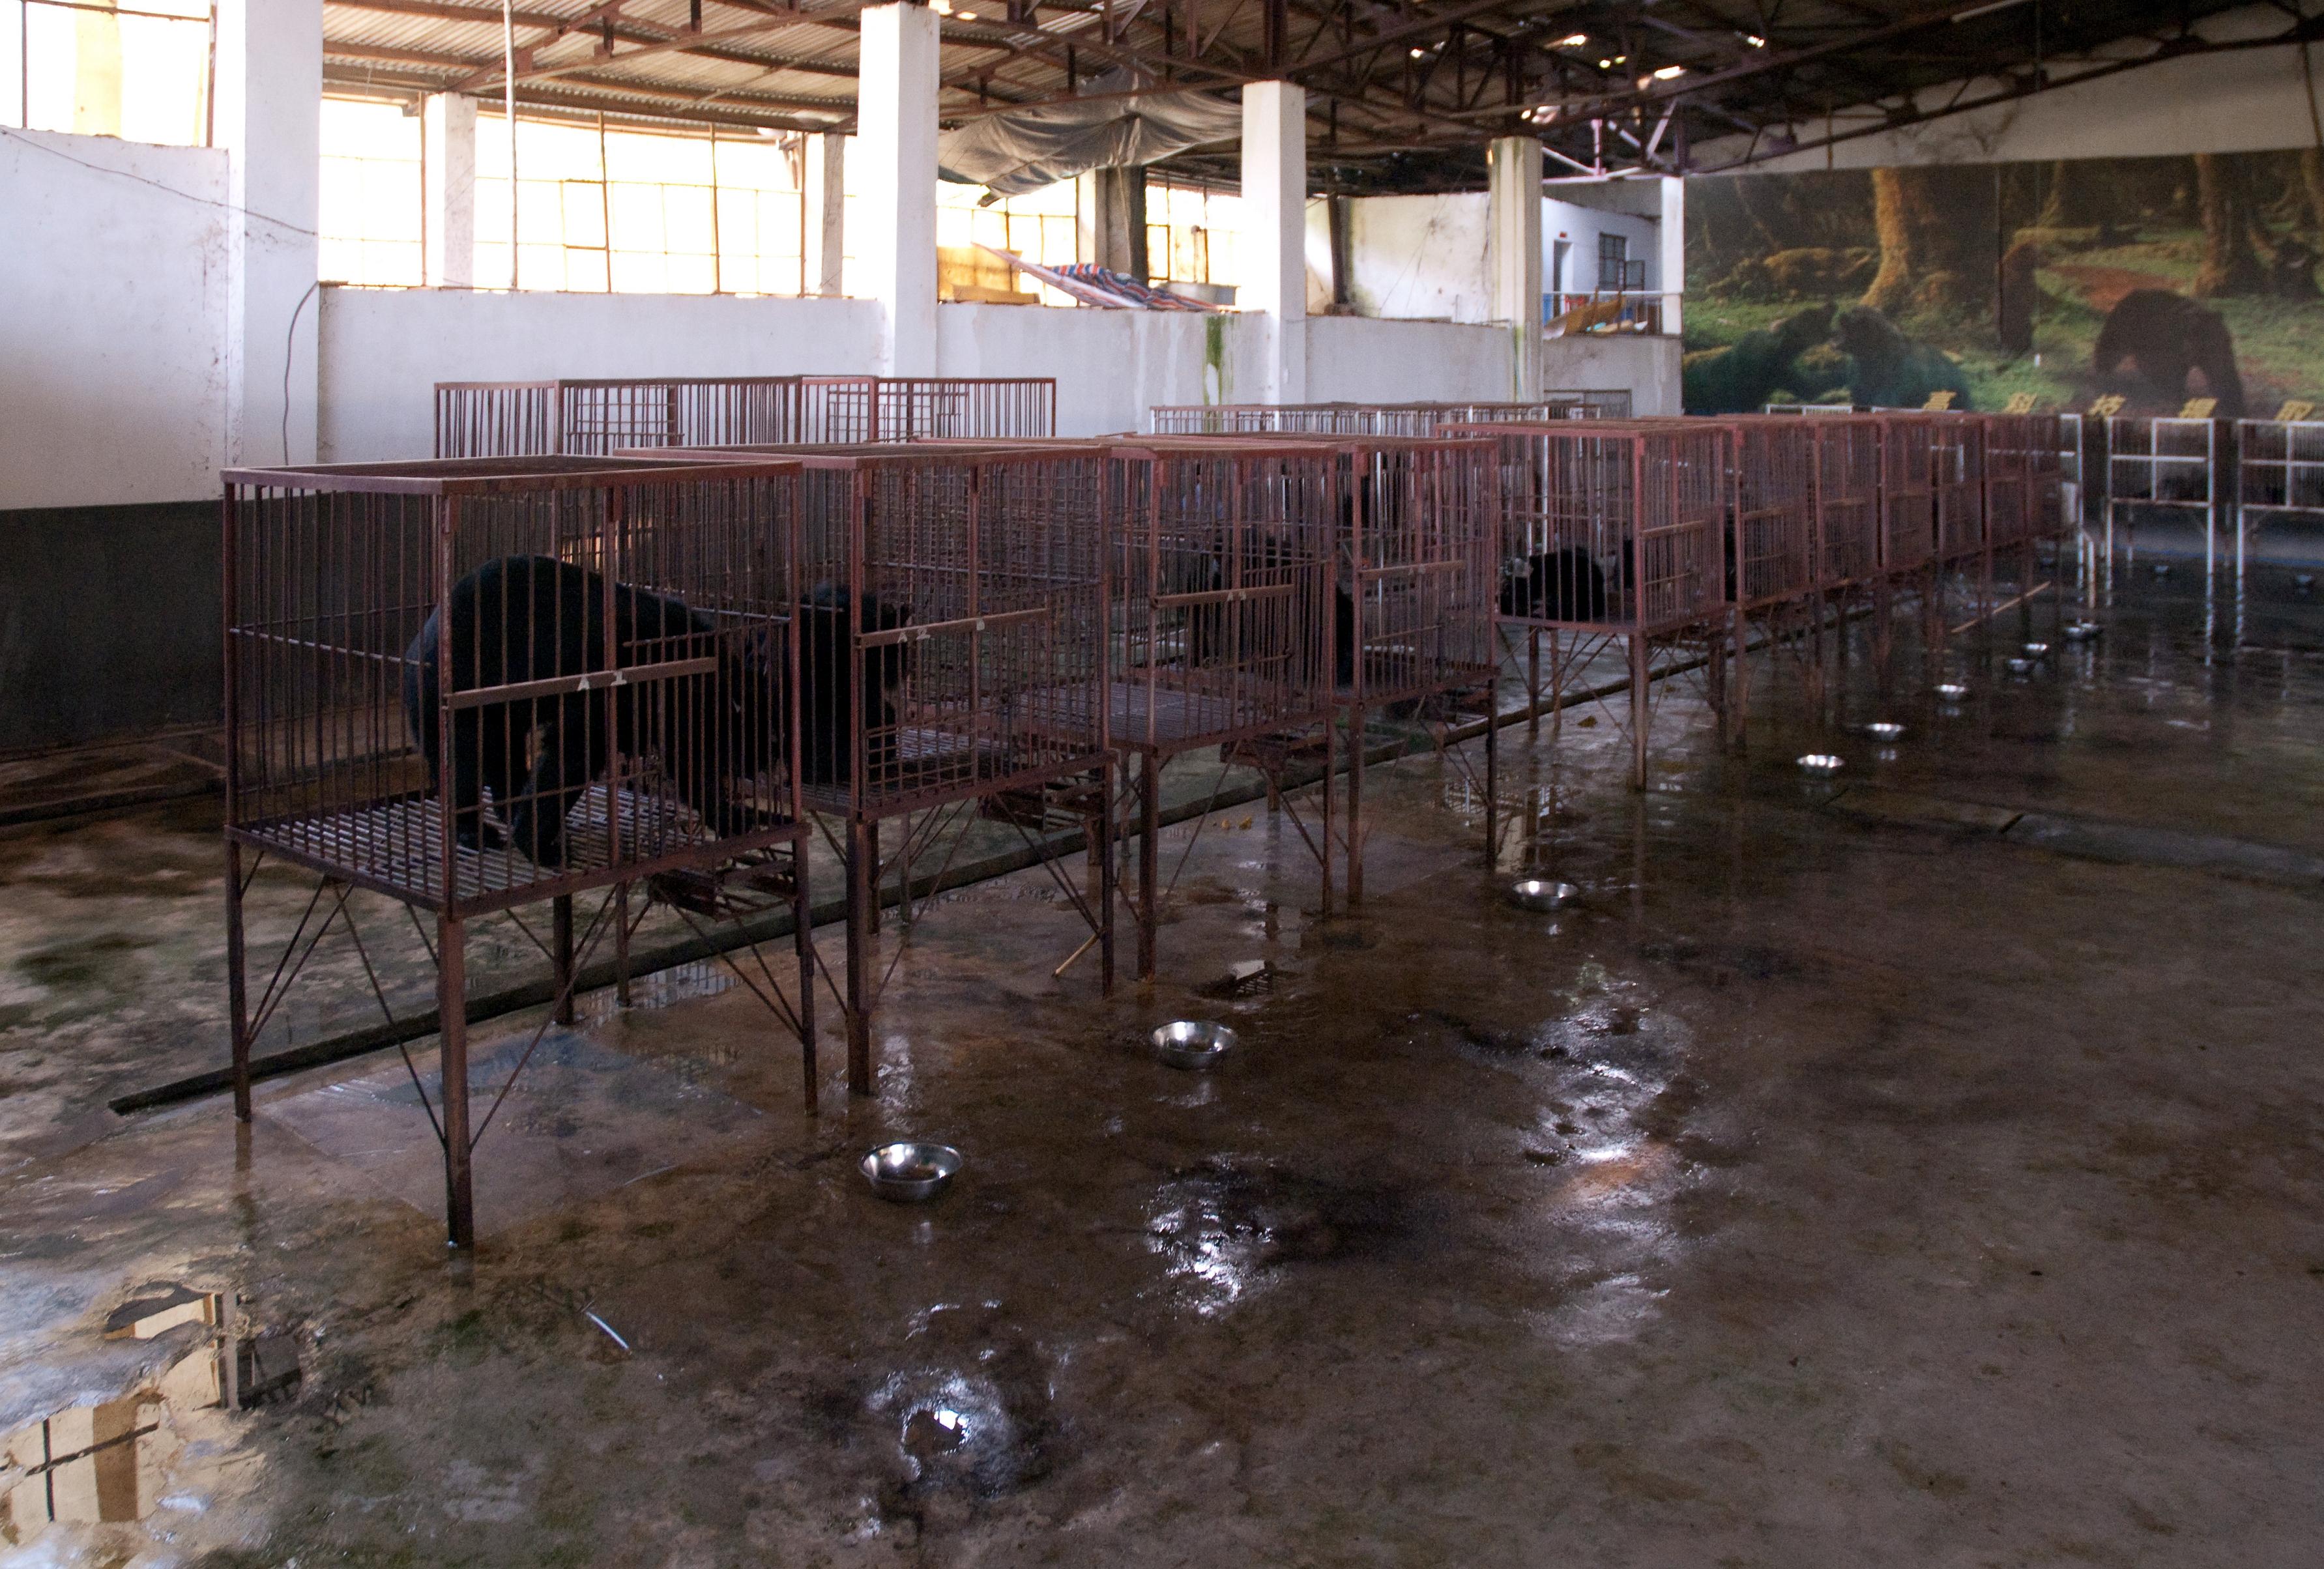 Вполне легальная медвежья ферма где-то в Китае.